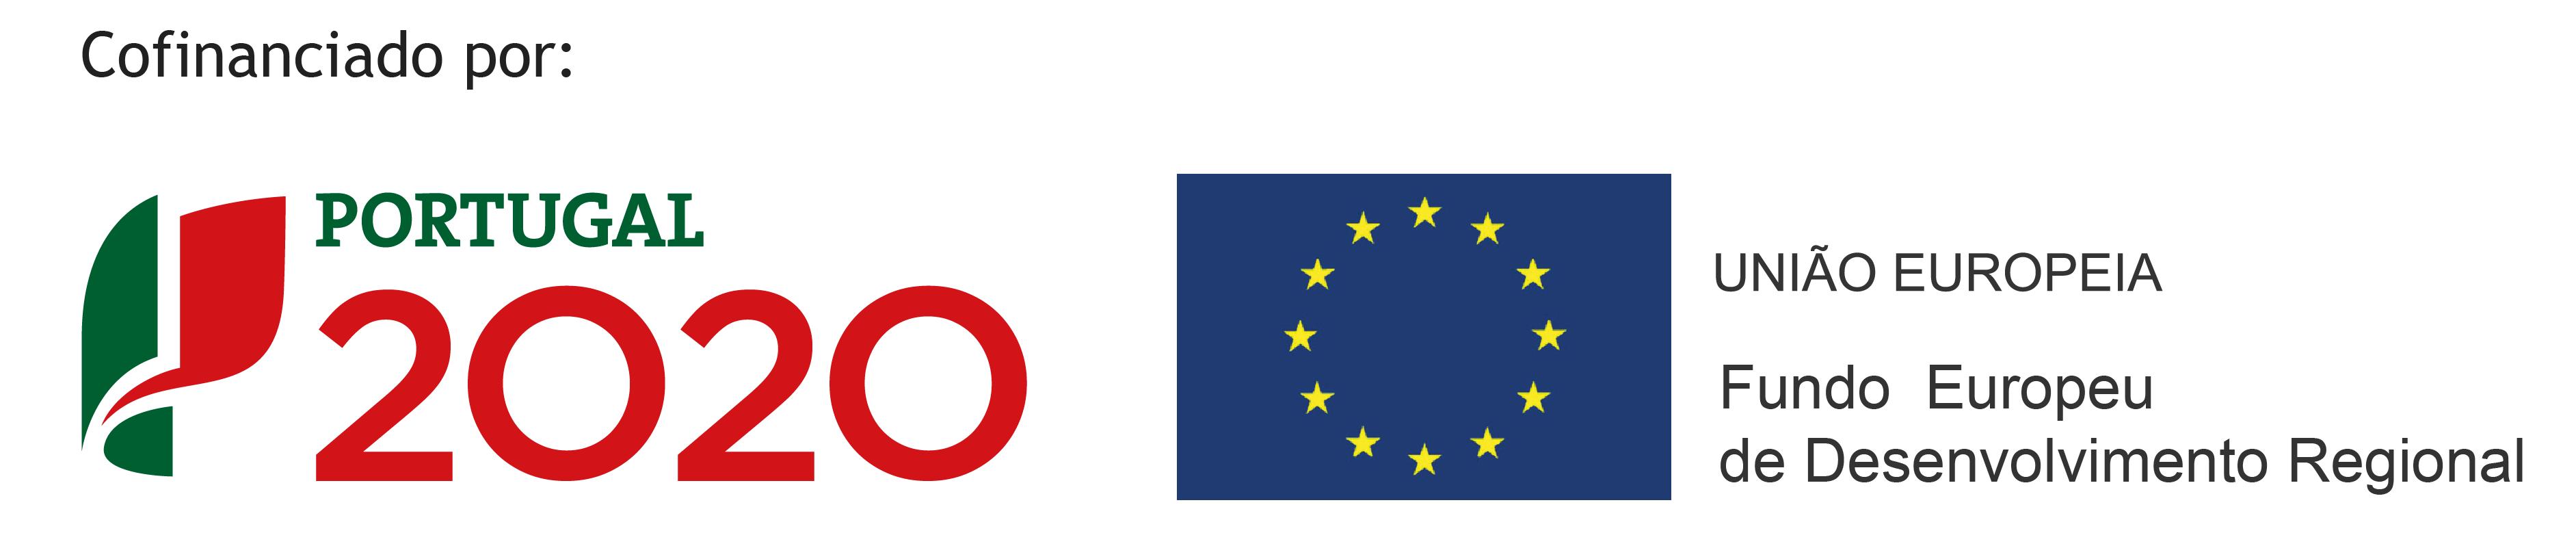 Resultado de imagem para união europeia logo